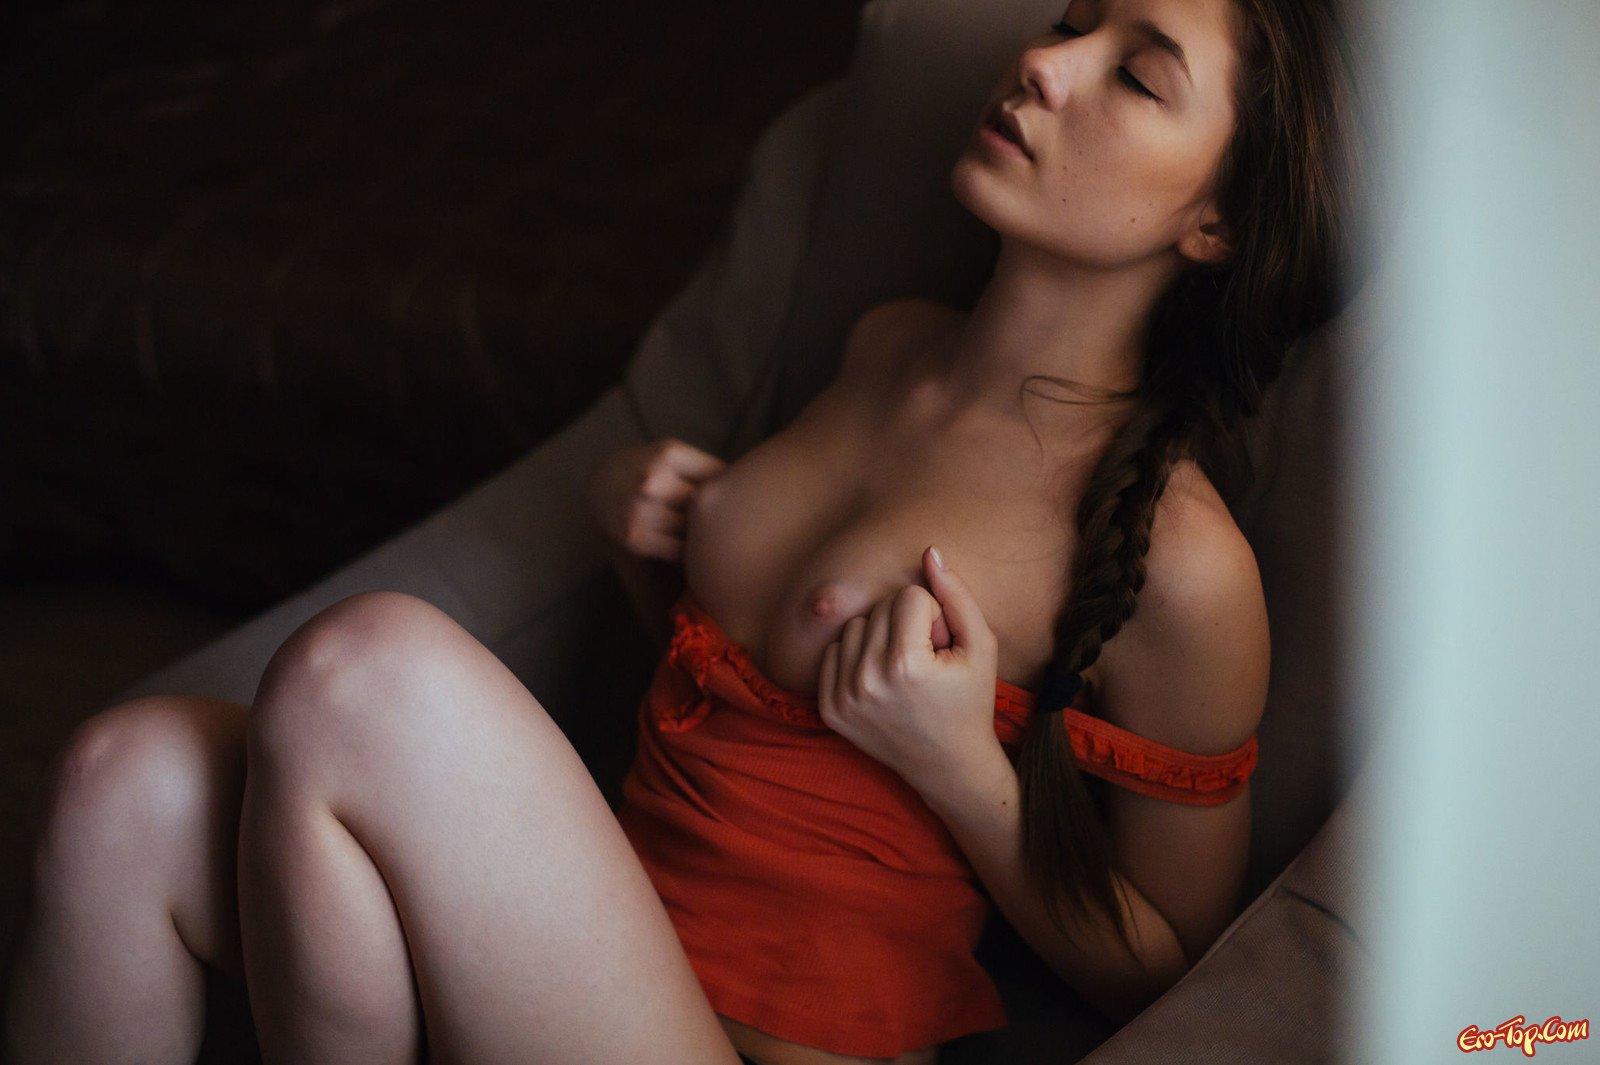 Симпатяга трогает грудь и киску сидя в кресле